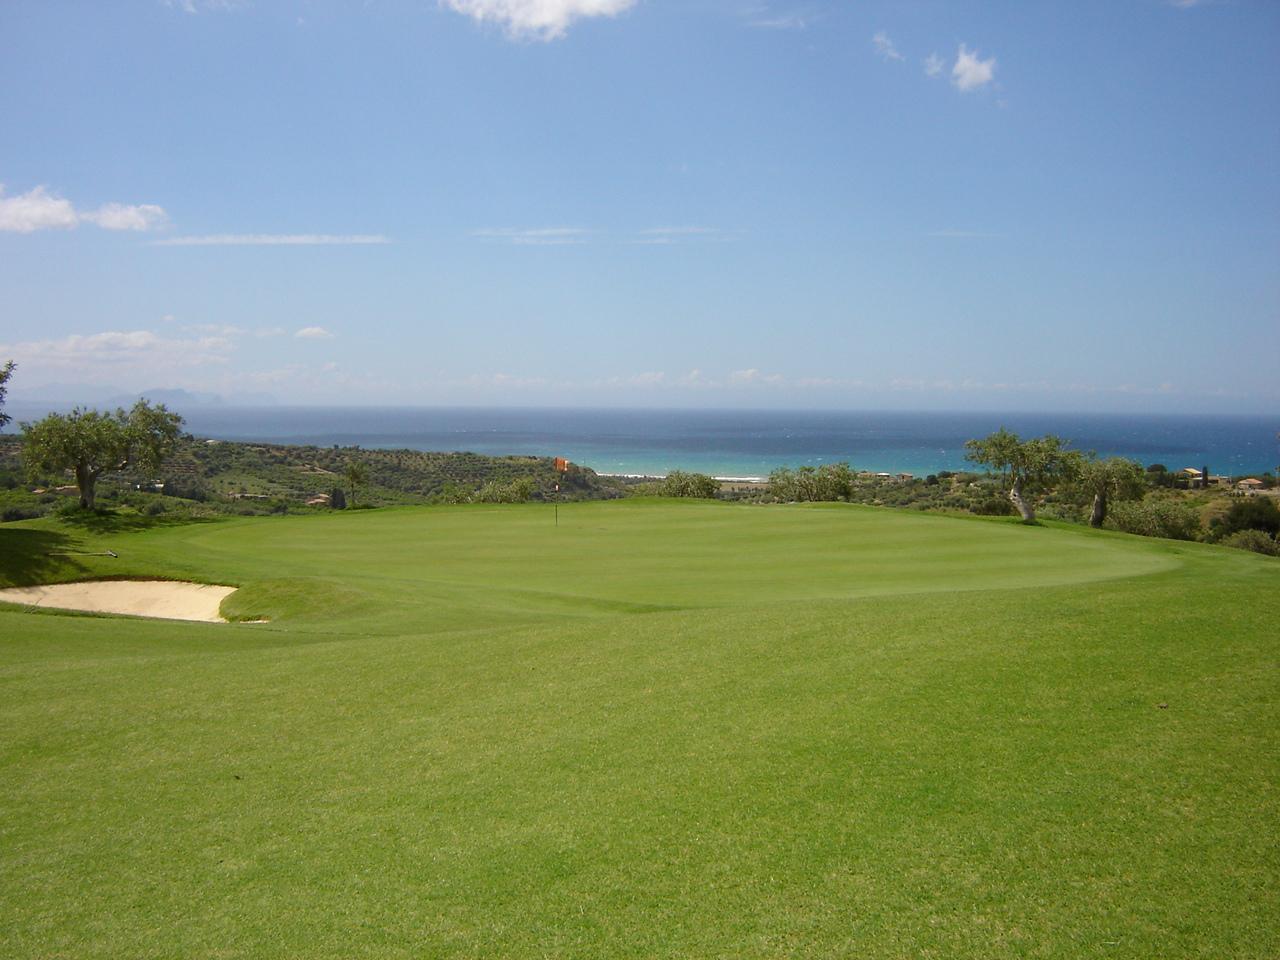 Riapre dopo 12 anni il campo di Golf sulle Madonie: è stato acquistato all'asta